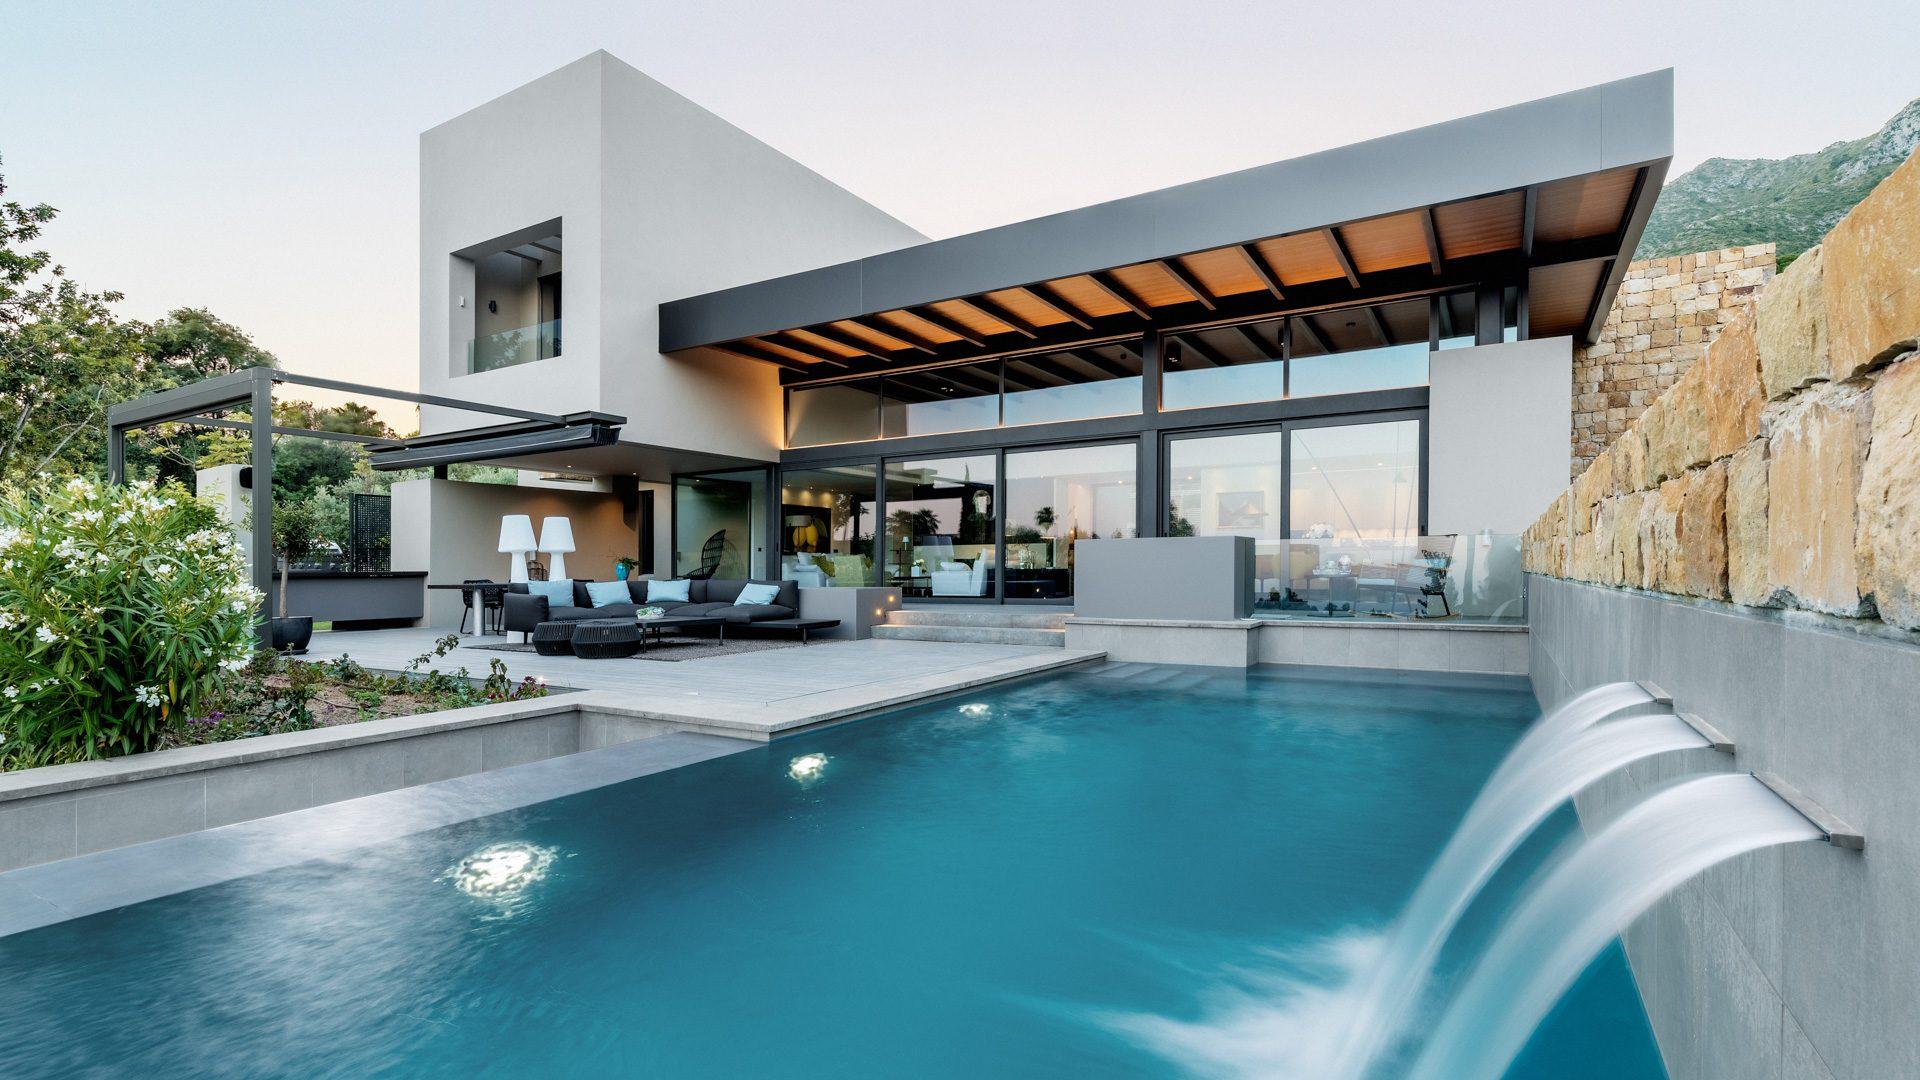 arquitectura-fotografía-prinza-else-malaga